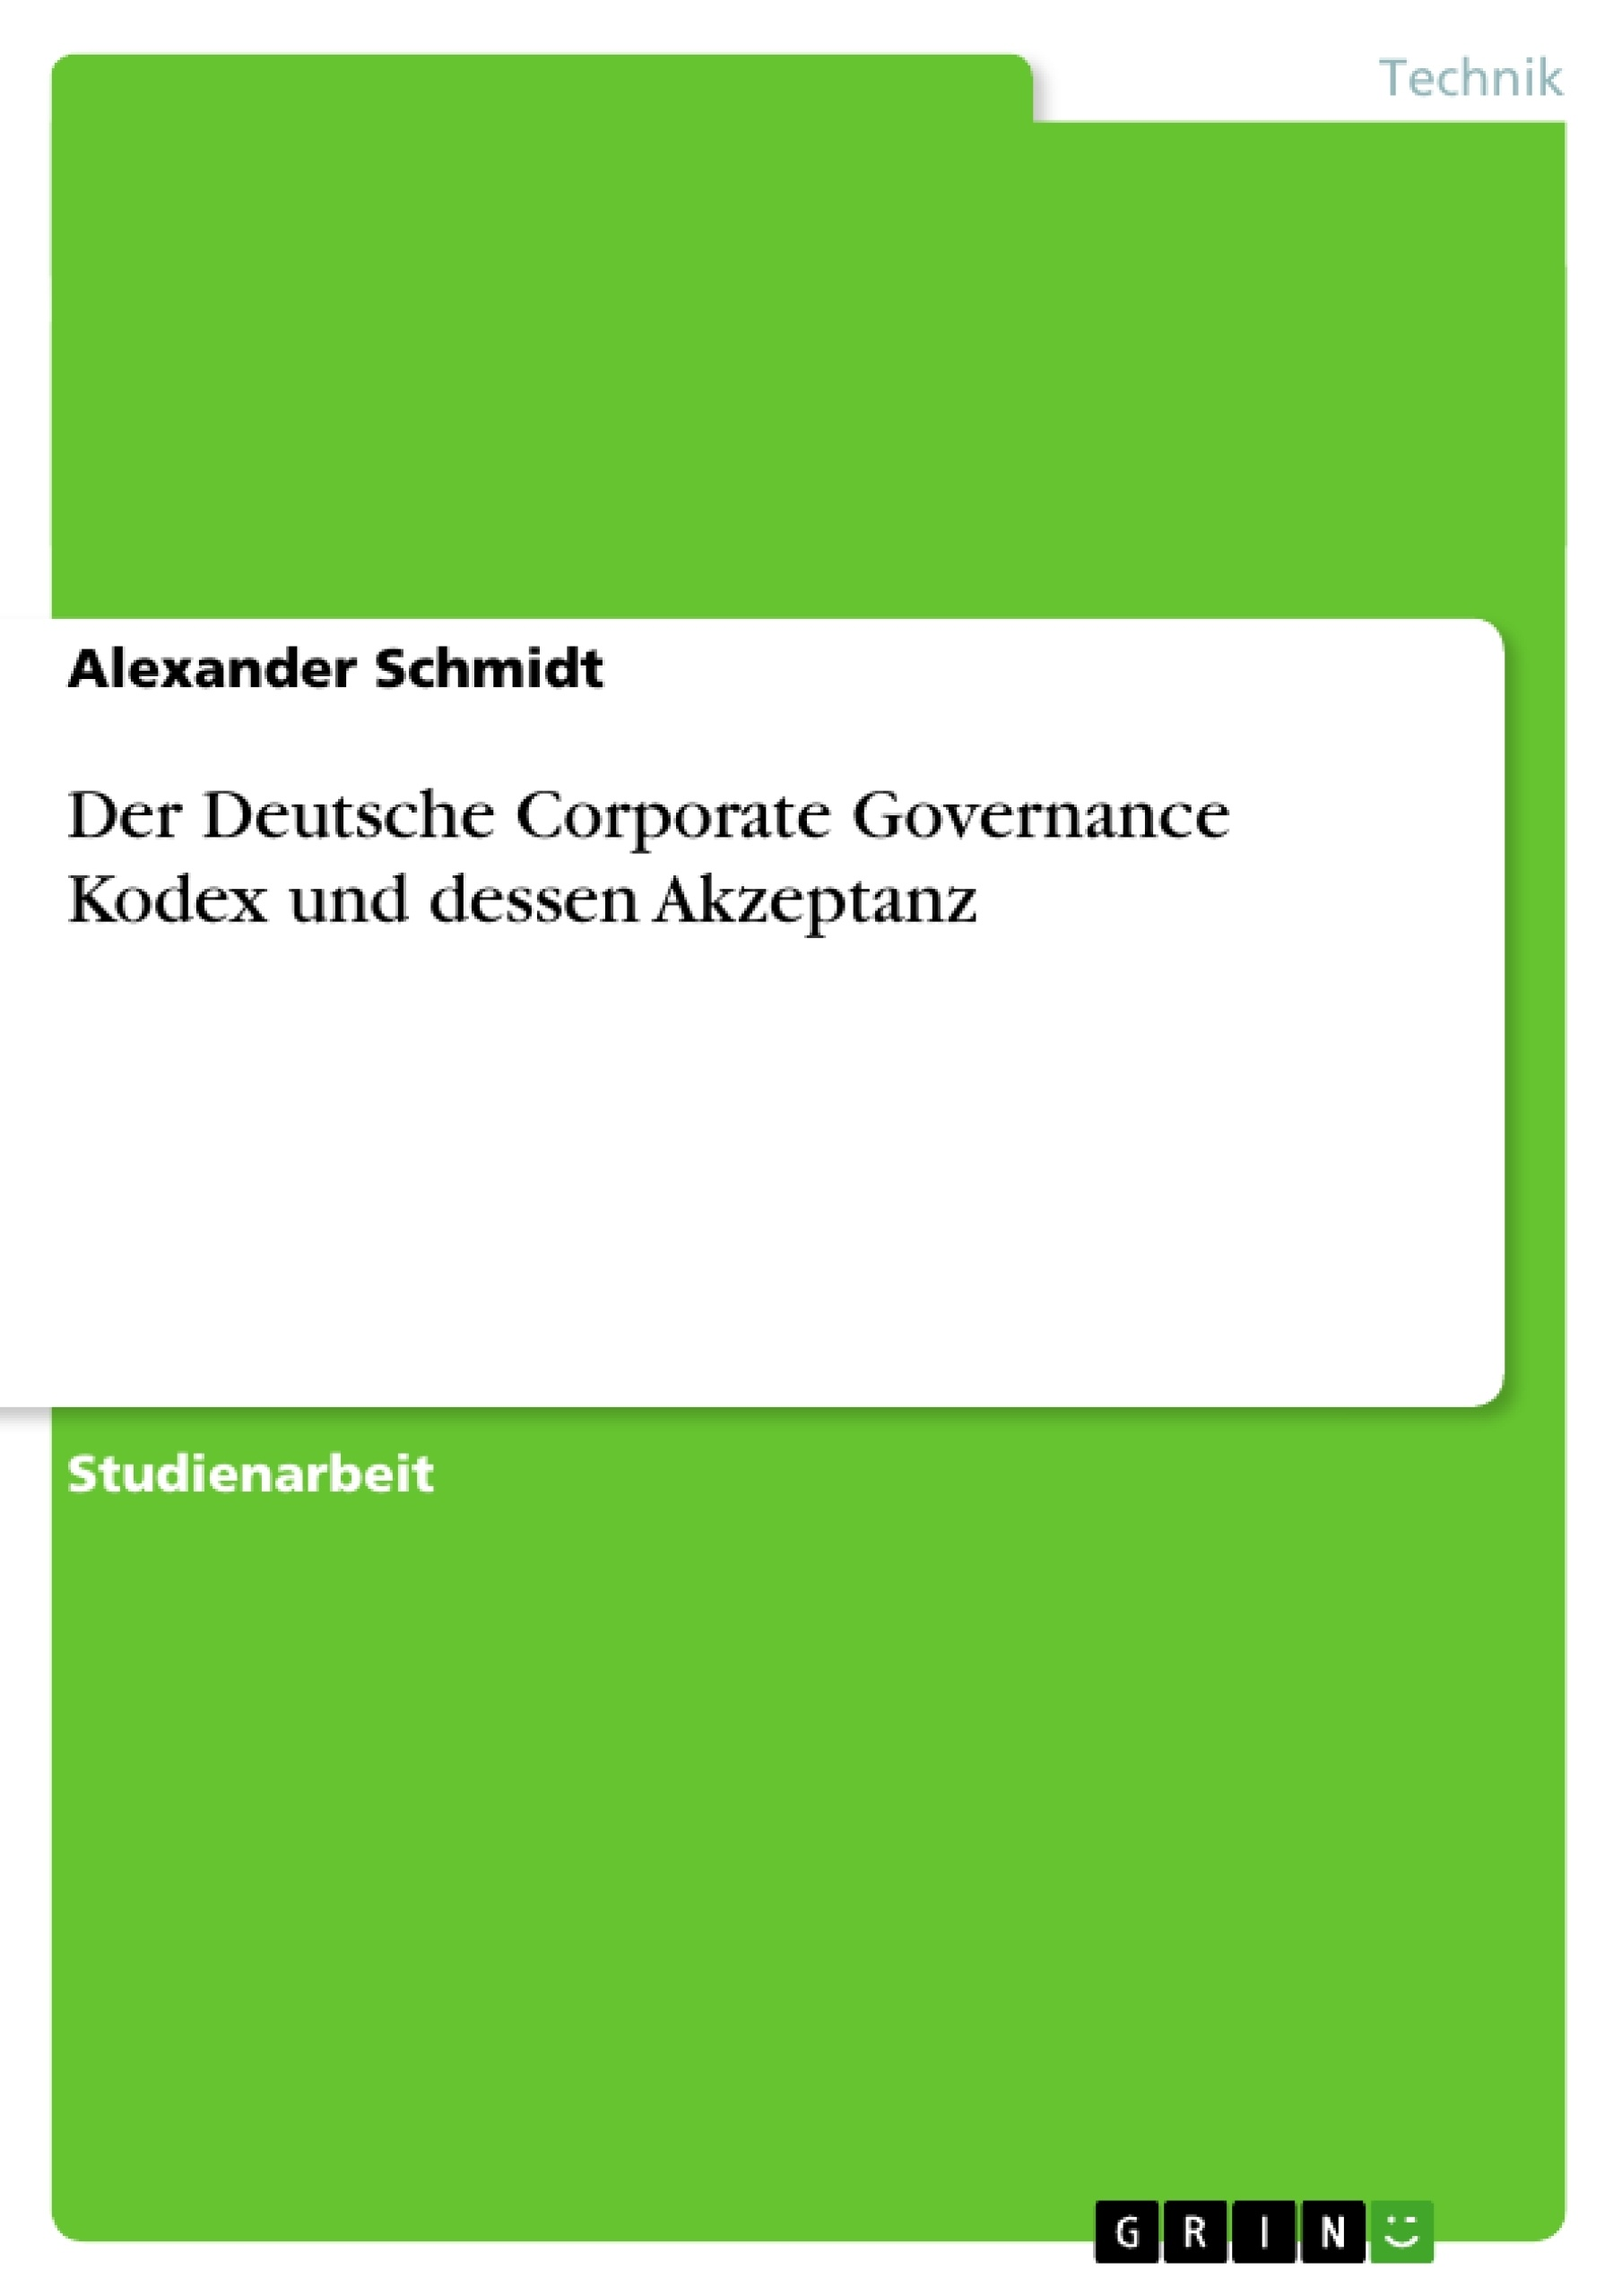 Titel: Der Deutsche Corporate Governance Kodex und dessen Akzeptanz